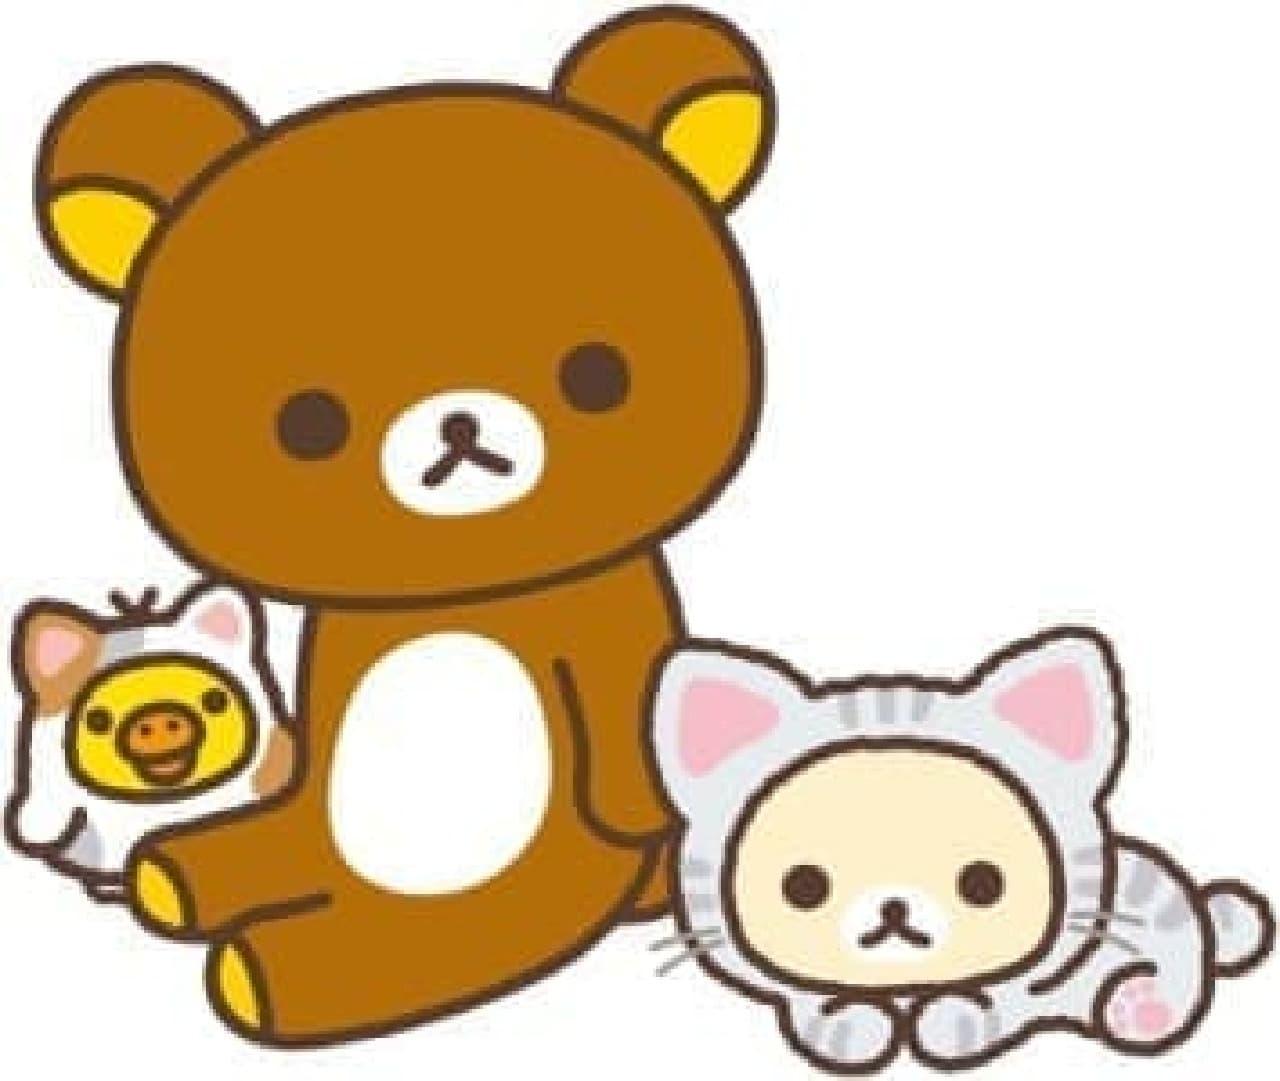 かわいい!「のんびりネコ」がテーマ  (c)2014San-X Co.,Ltd.All Rights Reserved.